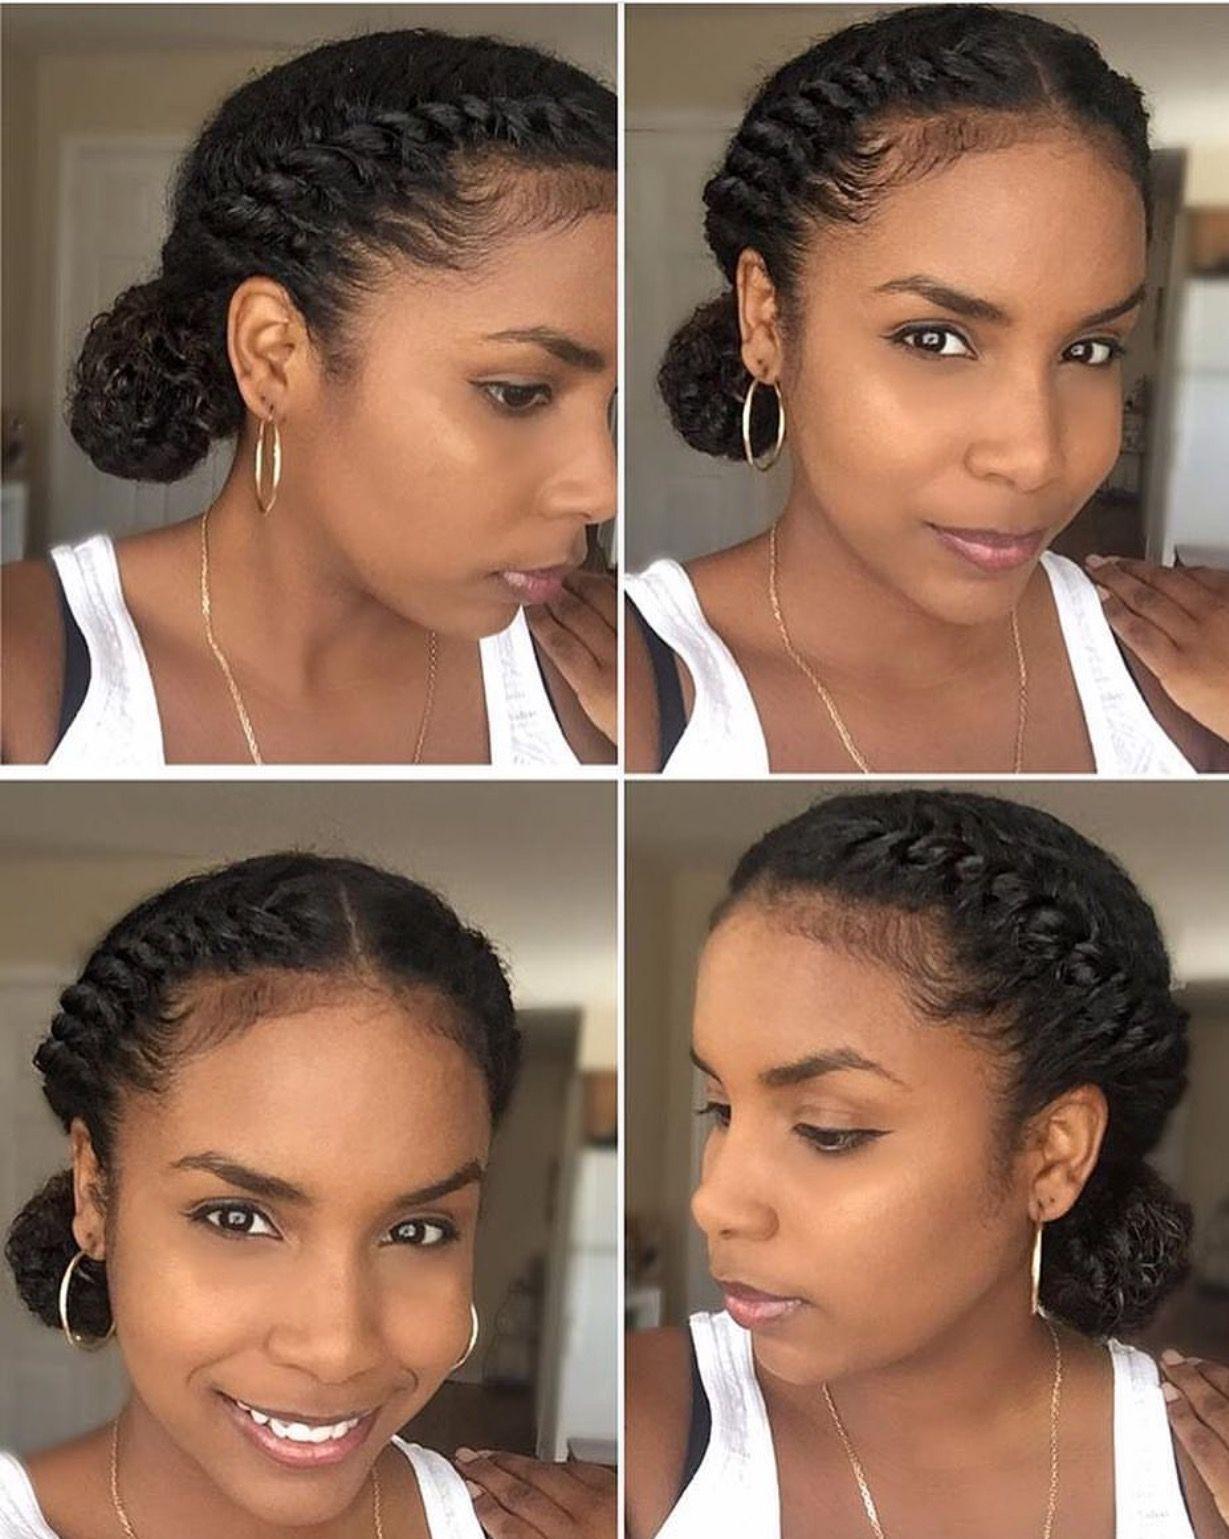 N A T U R A L H A I R Natural Hair Styles Easy Protective Hairstyles For Natural Hair Natural Hair Styles For Black Women